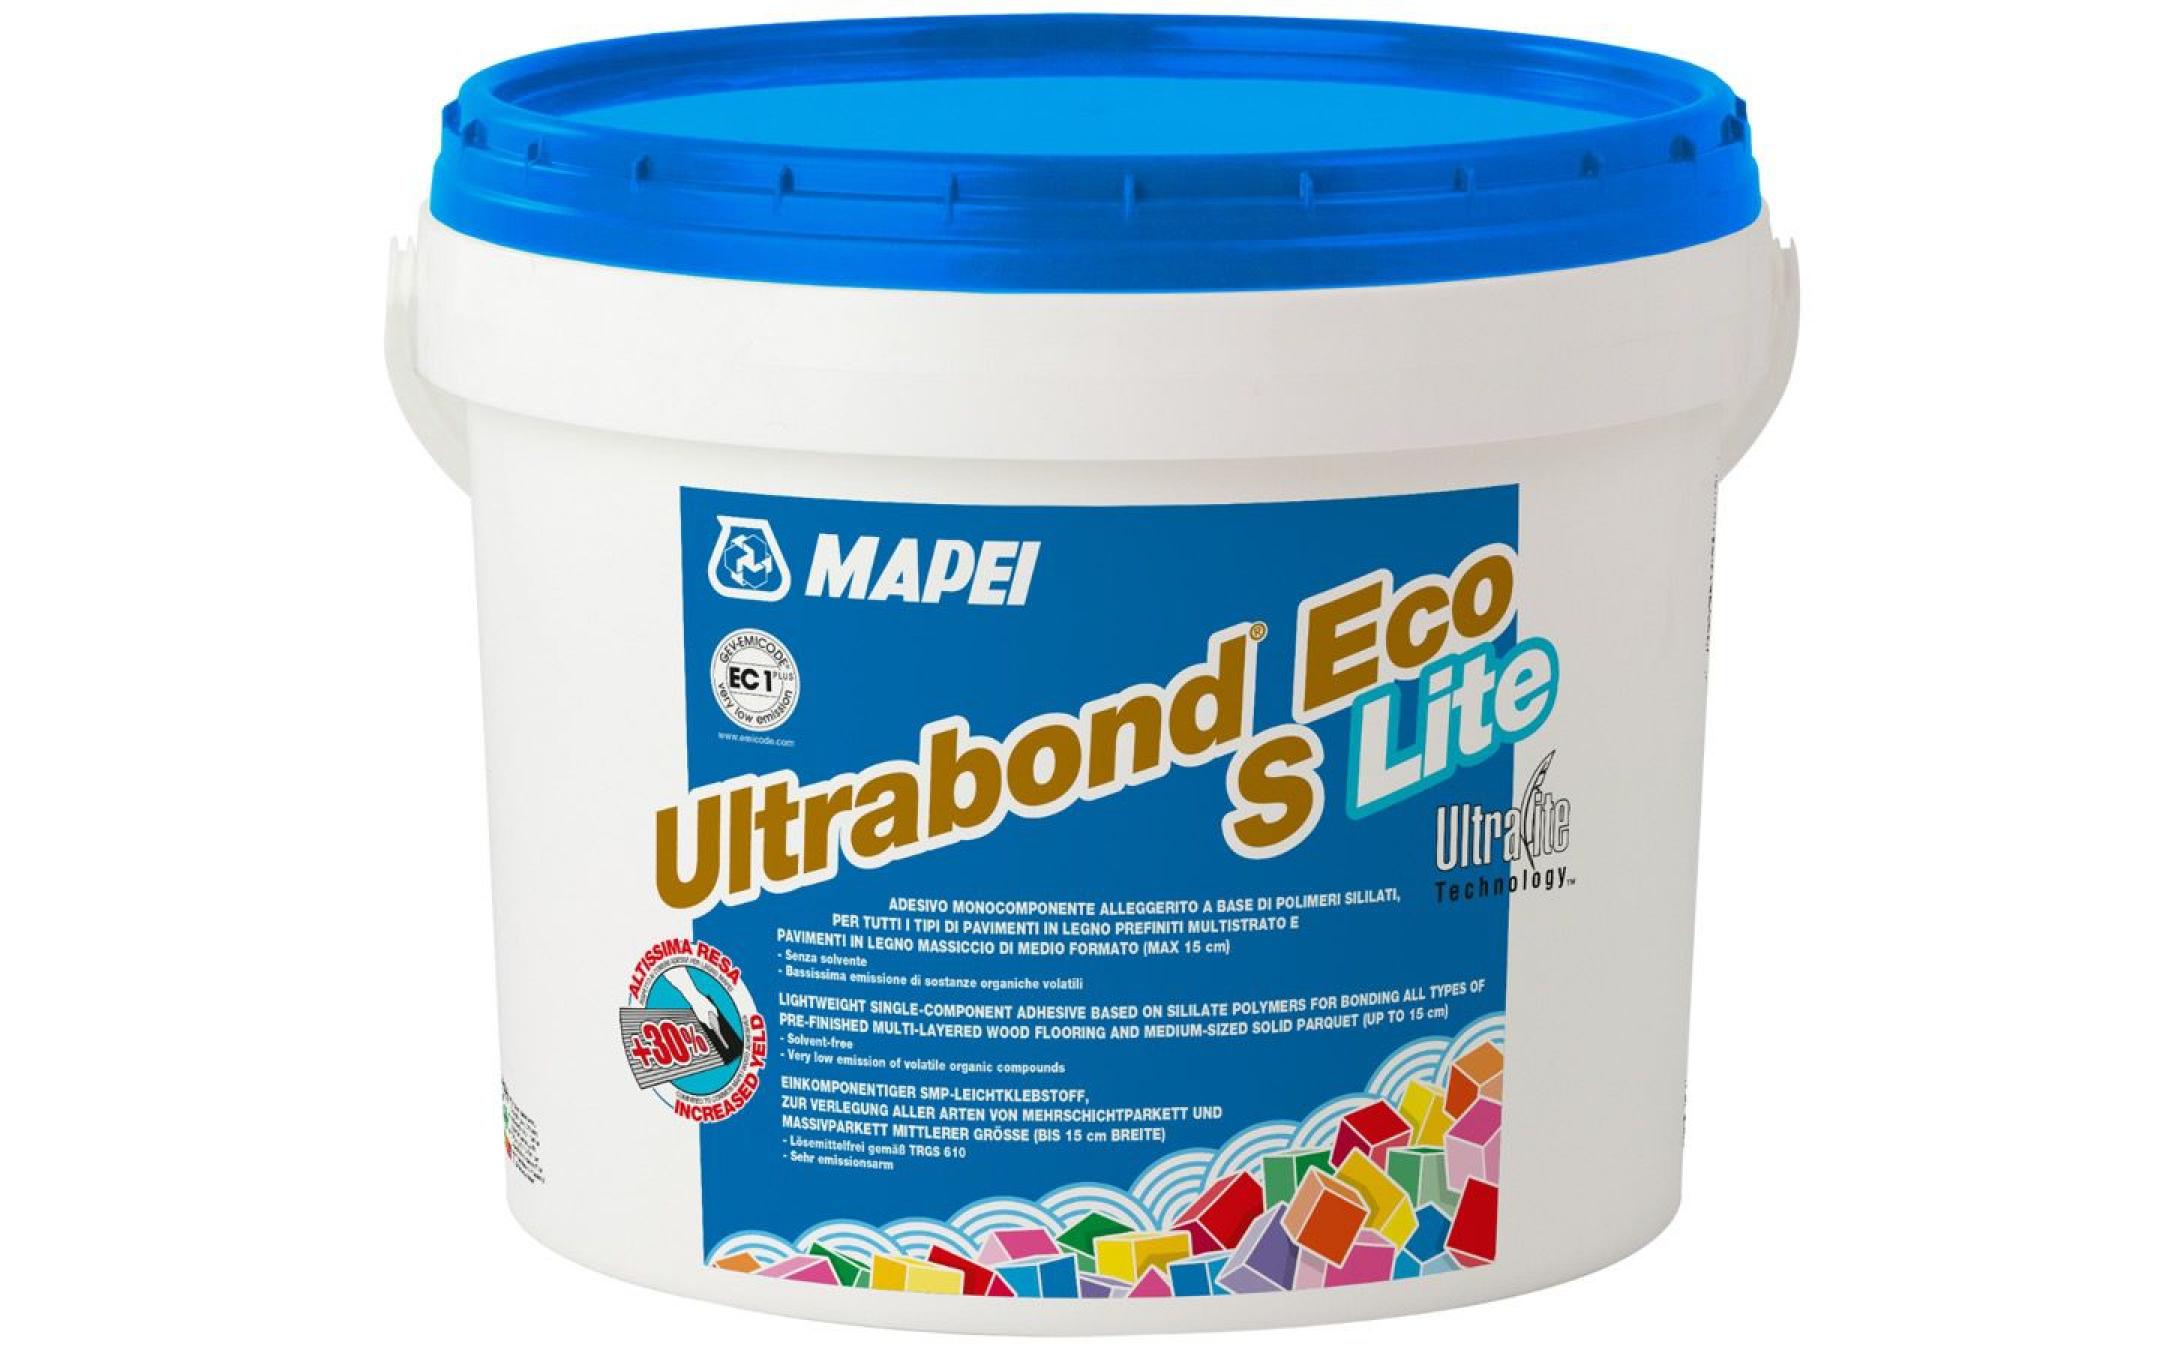 Ultrabond Eco S Lite